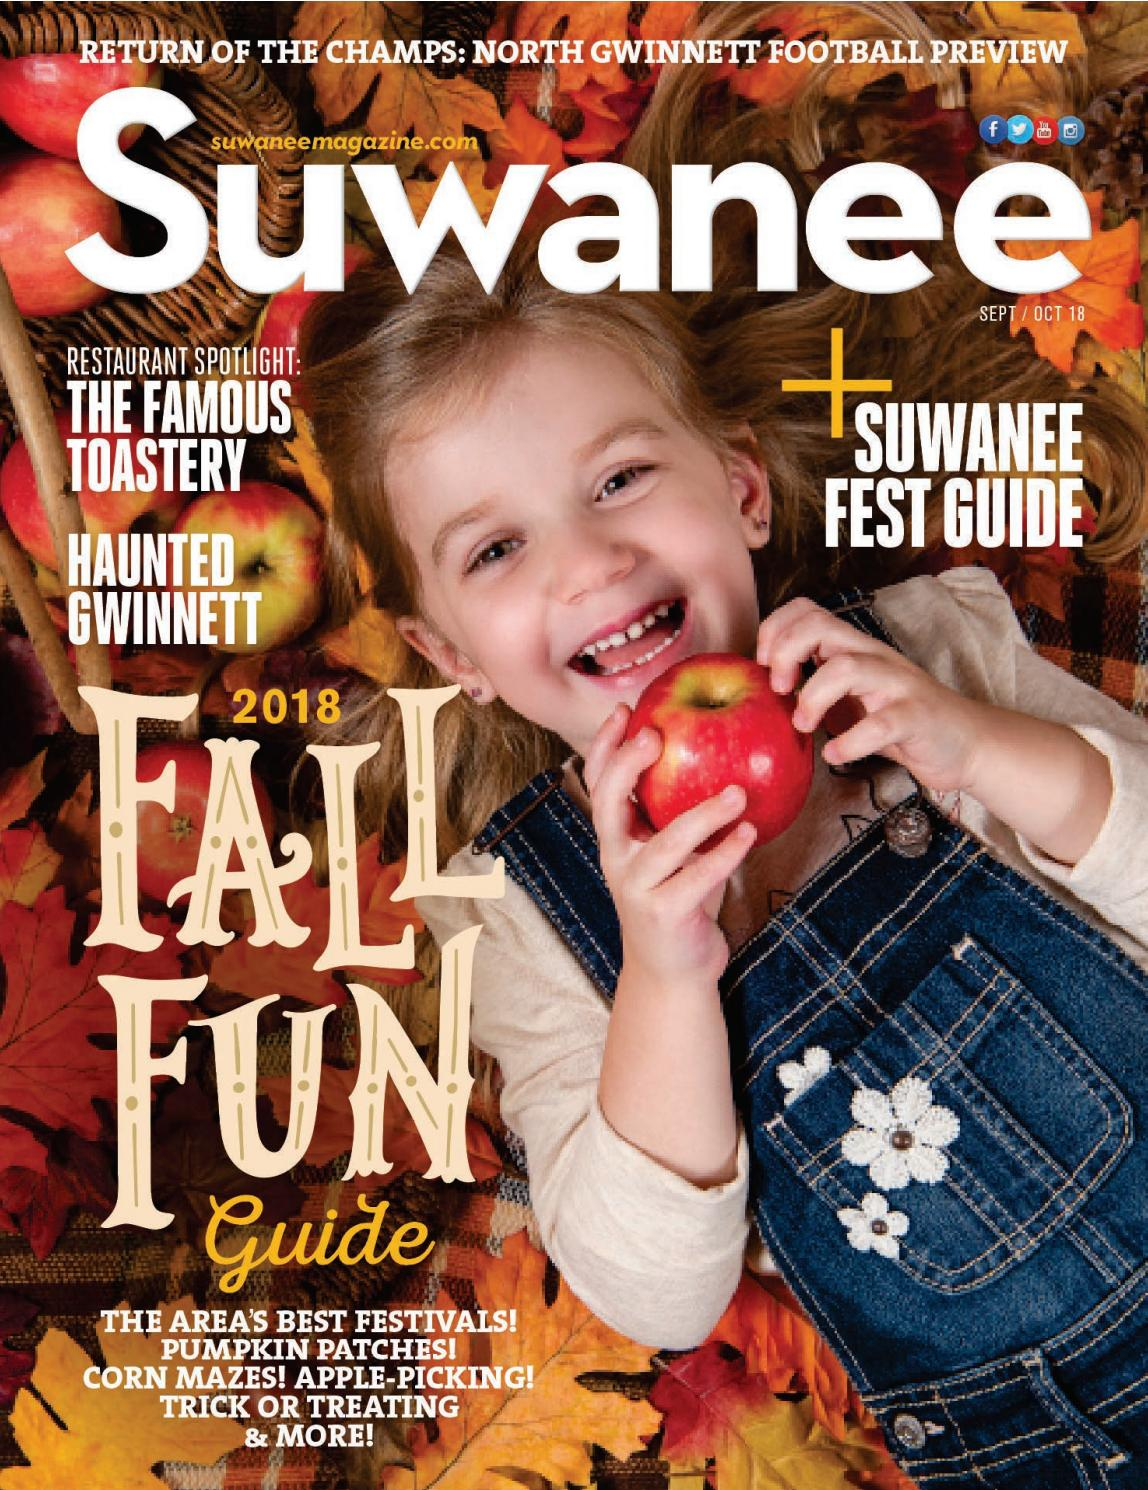 suwanee magazine september-october 2018suwanee magazine - issuu